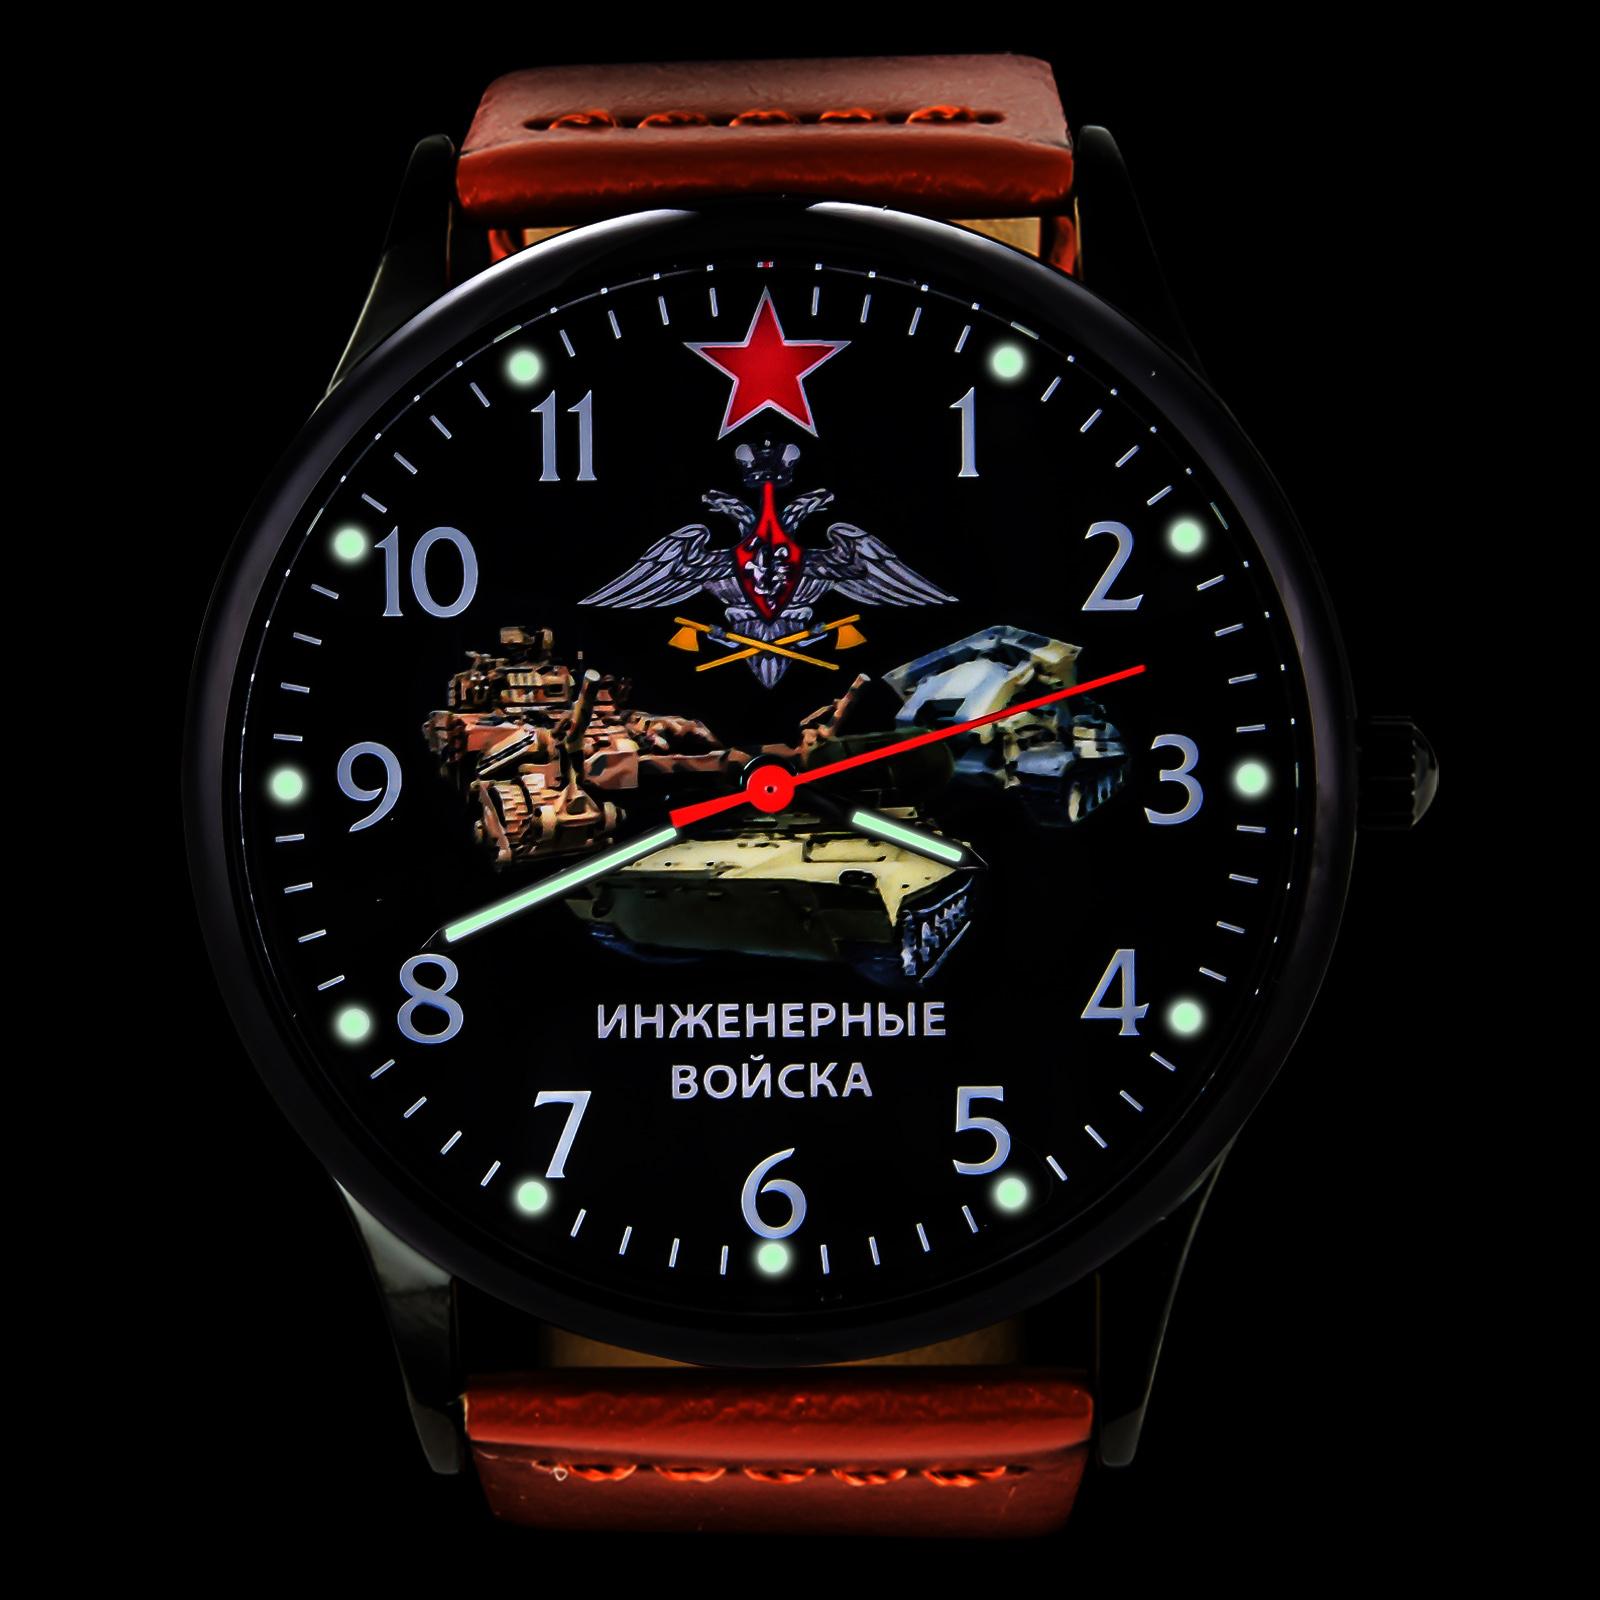 Командирские часы Инженерные войска